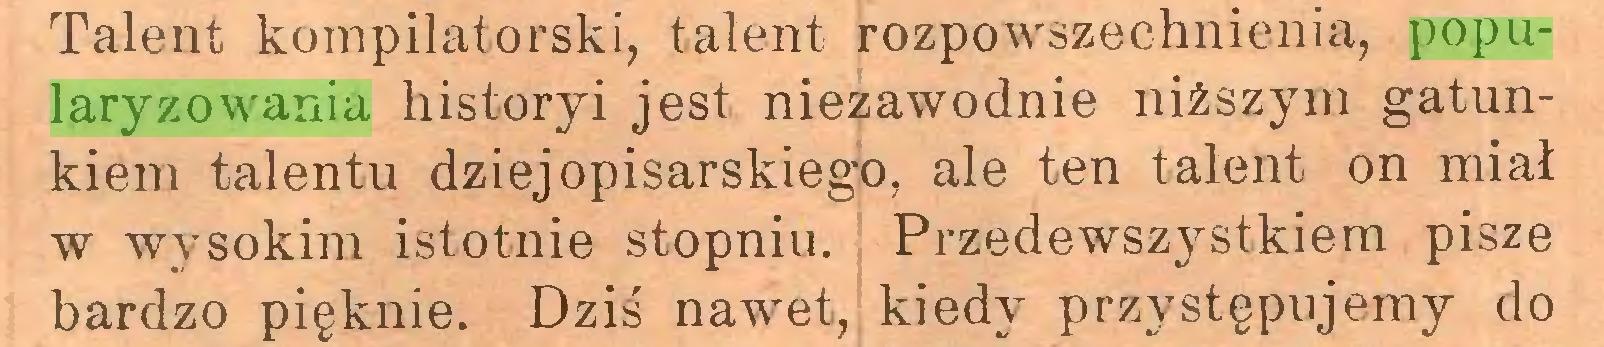 (...) Talent kompilatorski, talent rozpowszechnienia, popularyzowania historyi jest niezawodnie niższym gatunkiem talentu dziejopisarskiego, ale ten talent on miał w wysokim istotnie stopniu. Przedewszystkiem pisze bardzo pięknie. Dziś nawet, kiedy przystępujemy do...